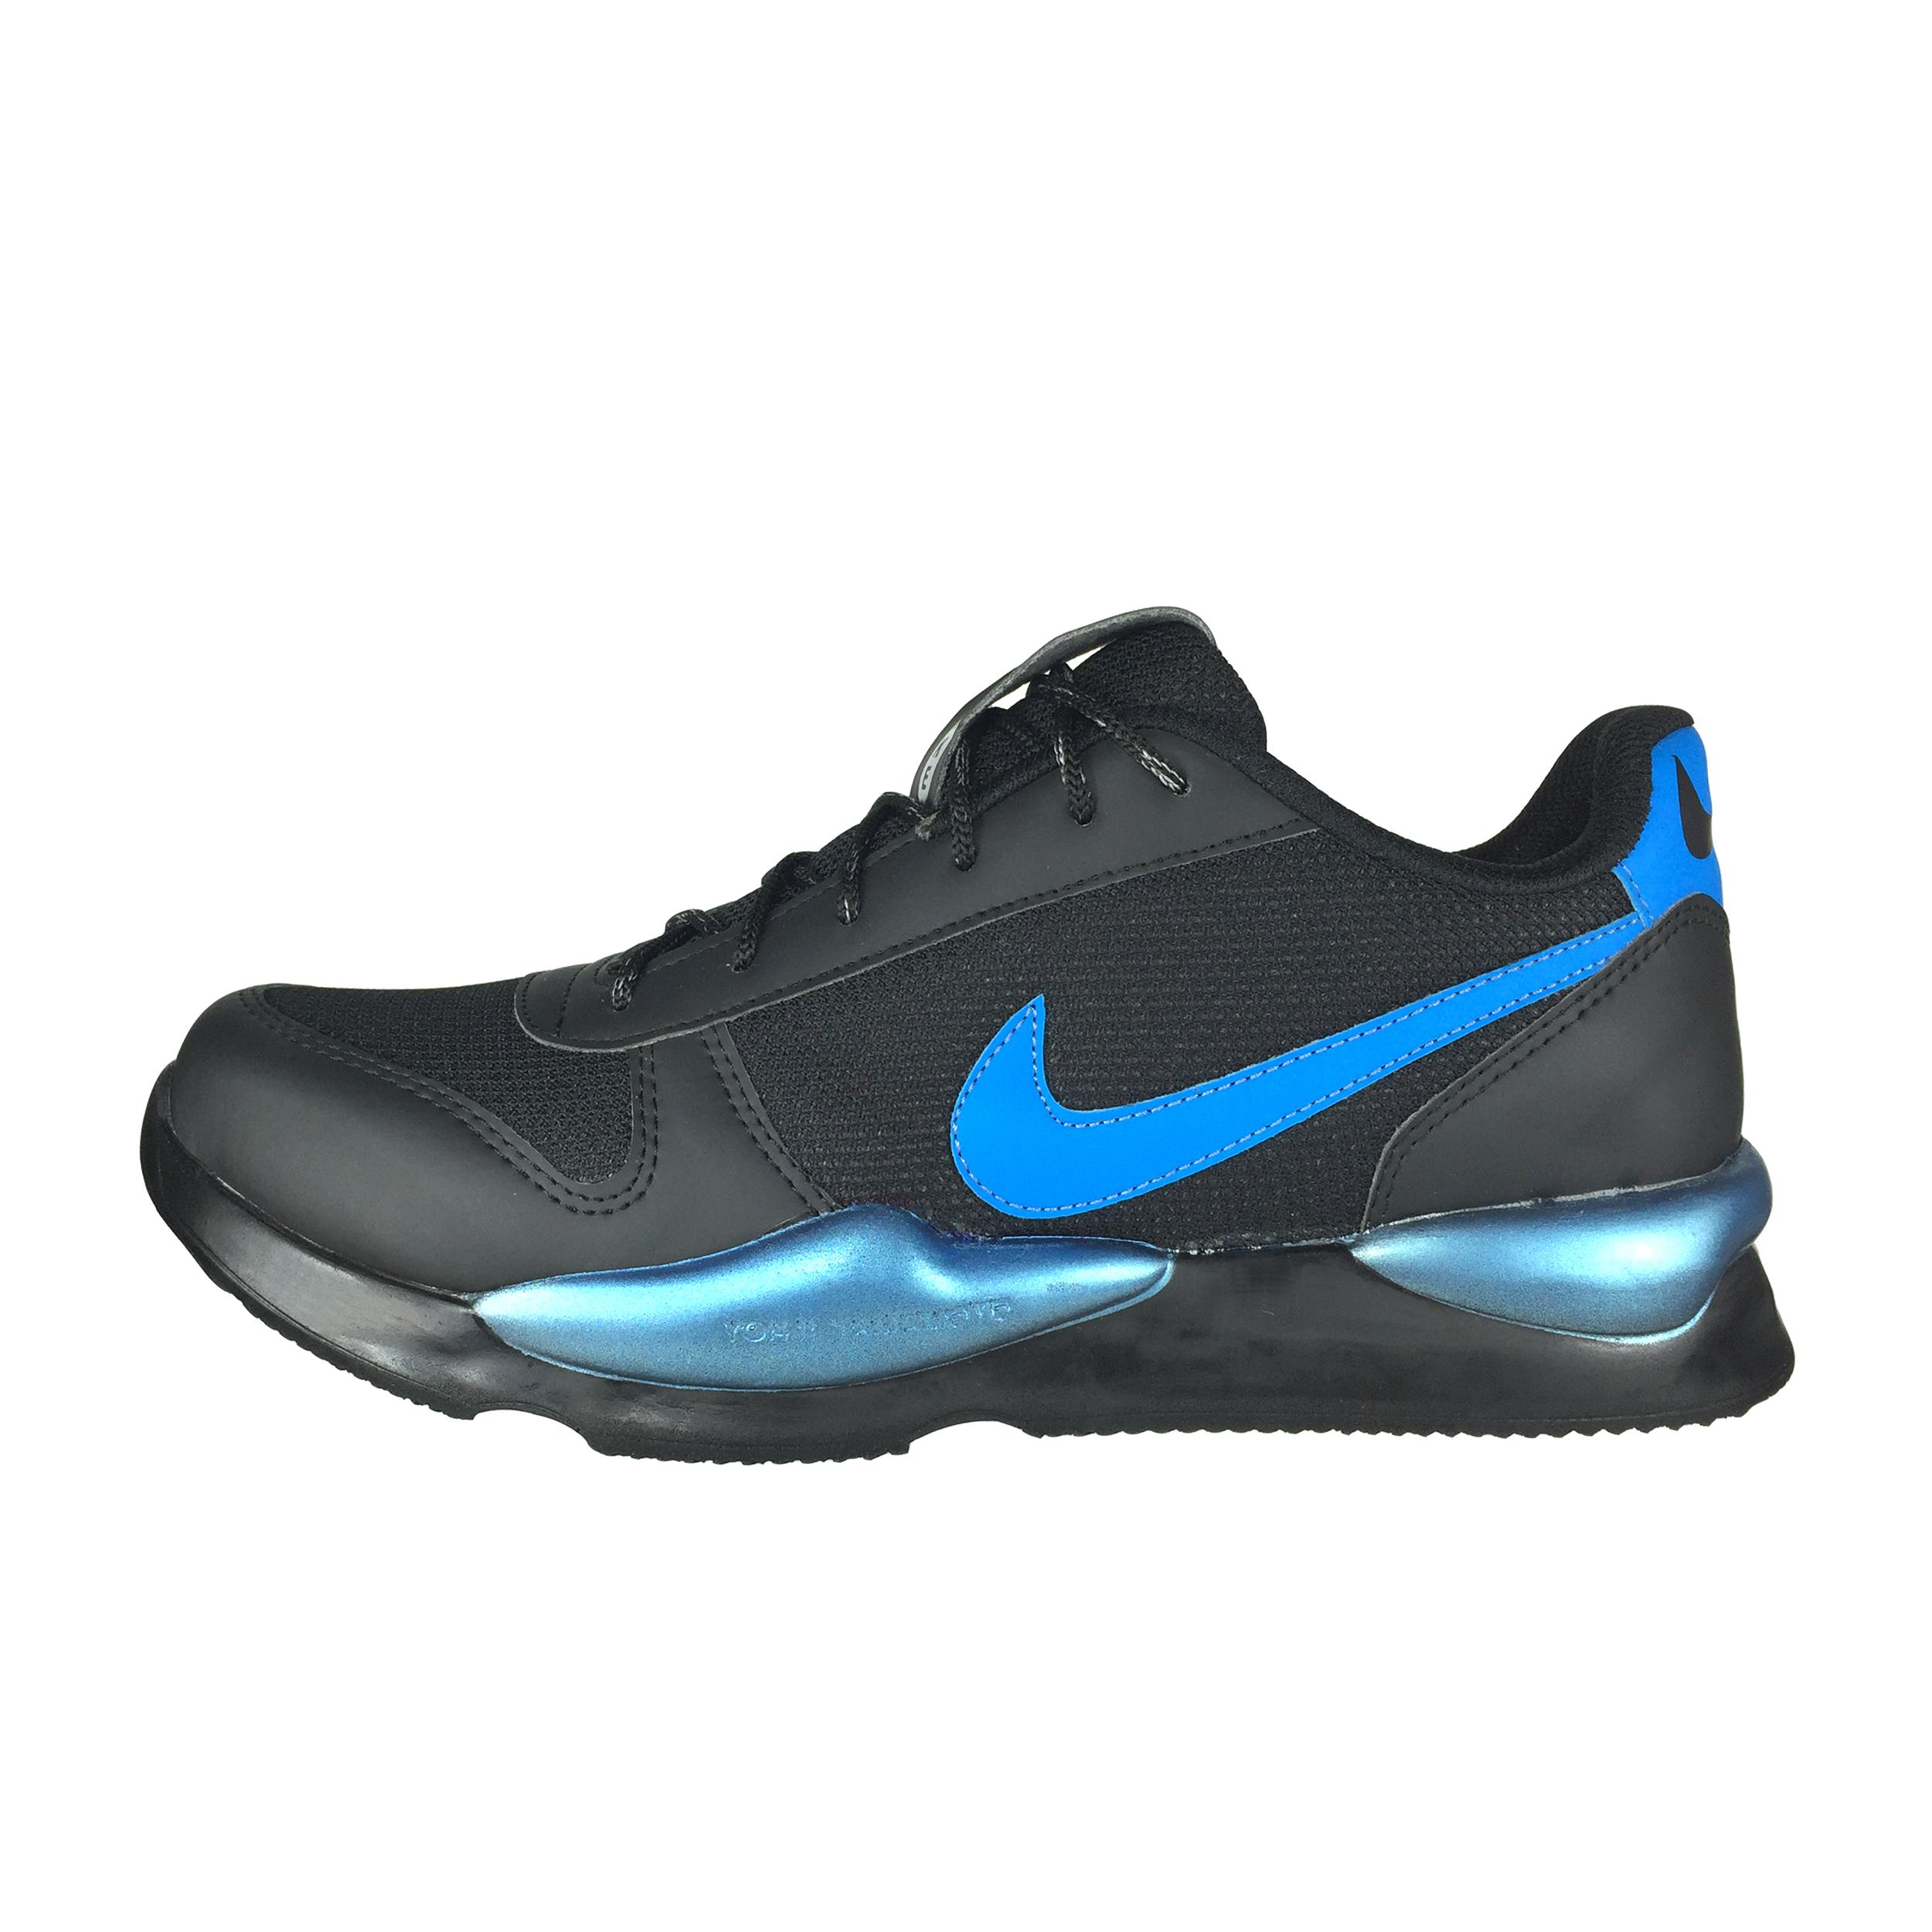 قیمت کفش مخصوص پیاده روی مردانه مدل B504 رنگ مشکی